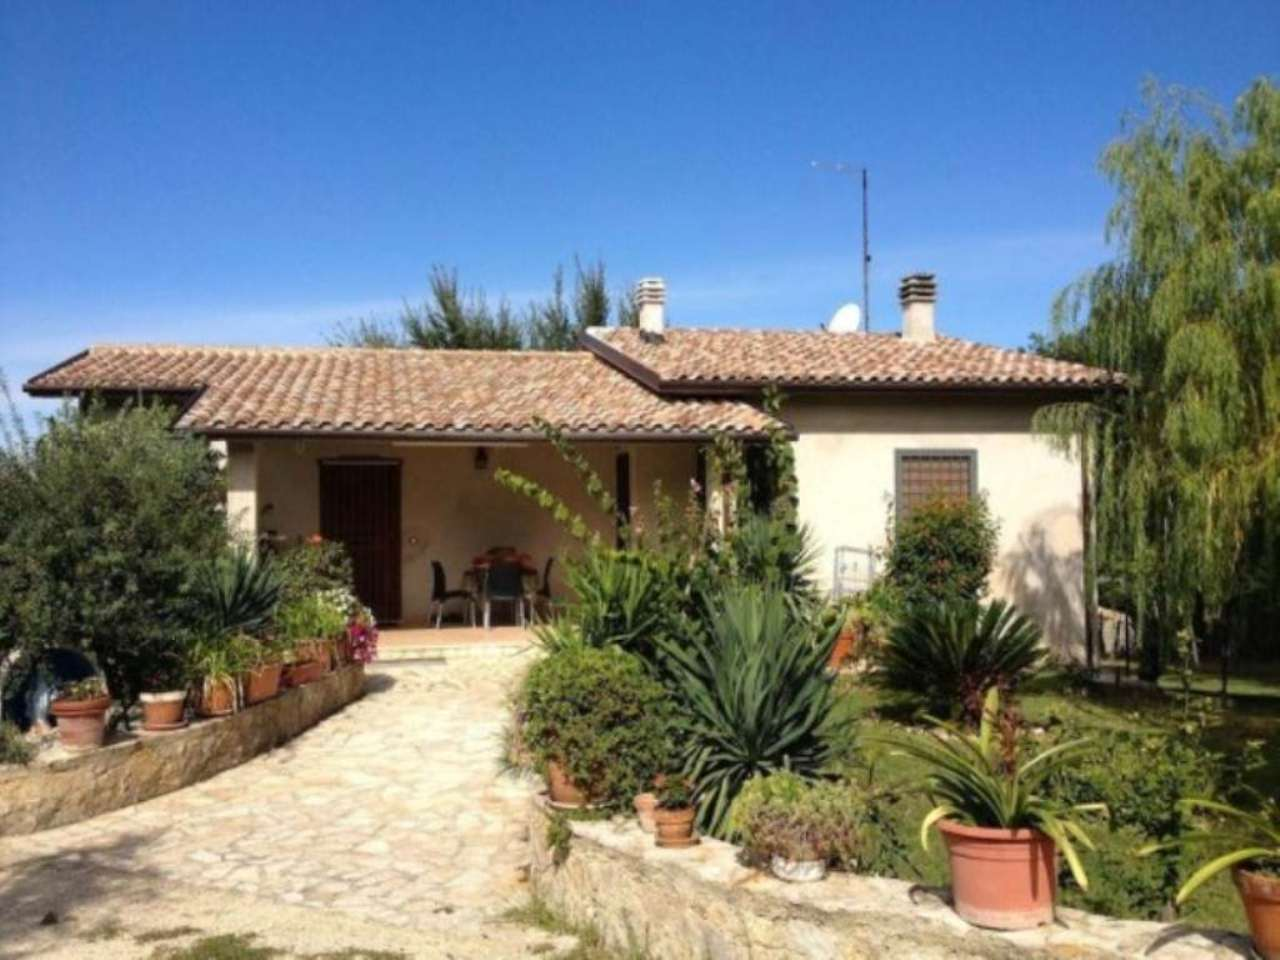 Villa in vendita a Cantalupo in Sabina, 5 locali, prezzo € 260.000 | Cambio Casa.it